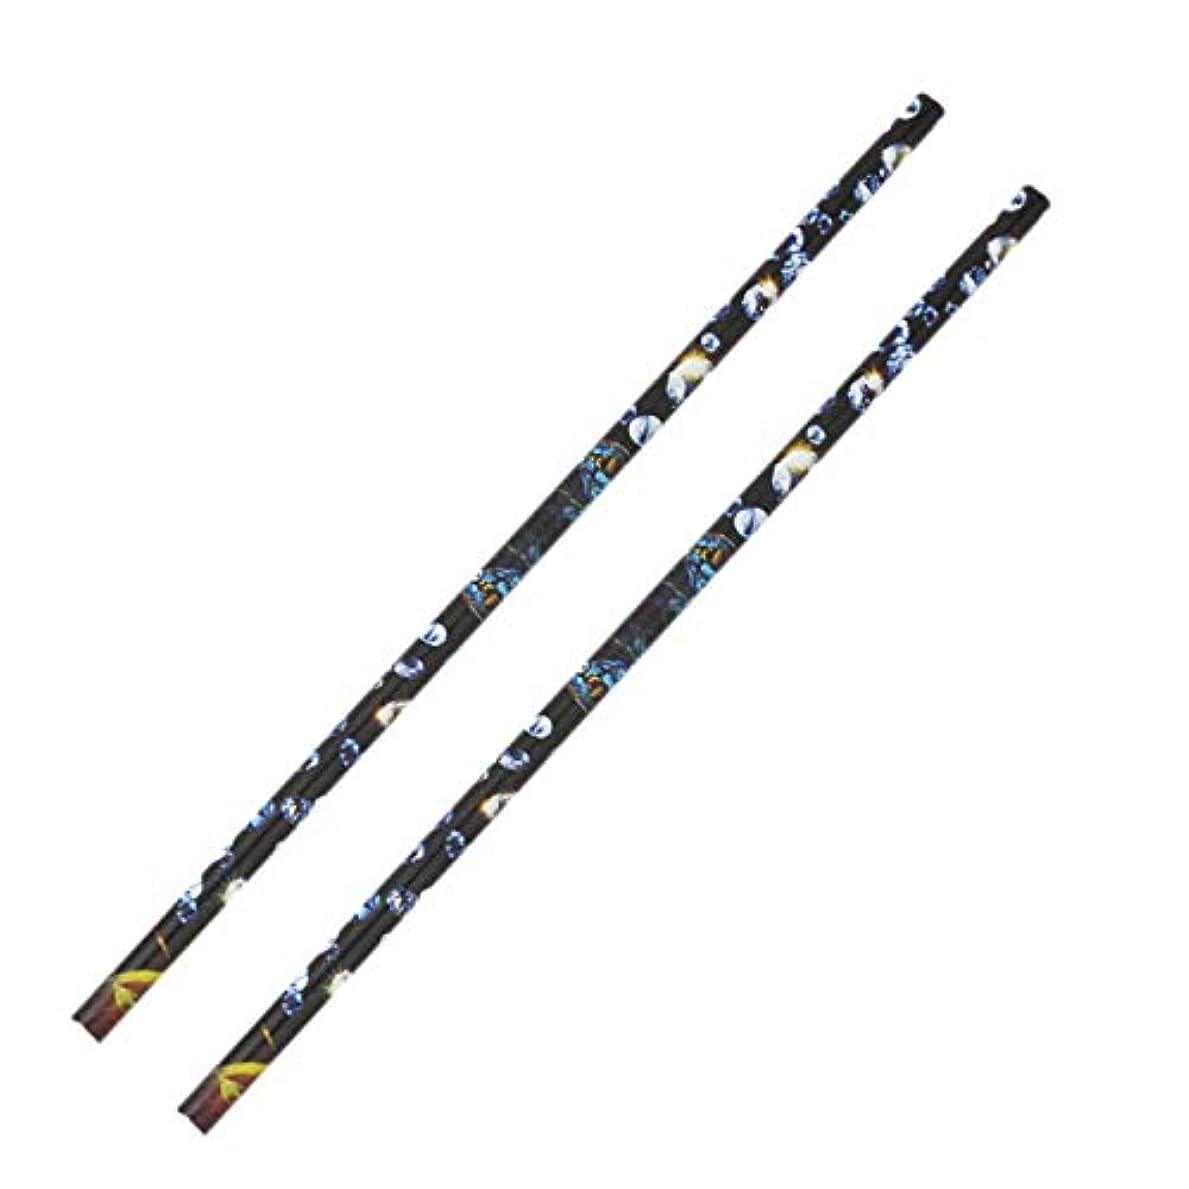 不忠フレームワークビジュアルTOOGOO 2個 クリスタル ラインストーン ピッカー鉛筆ネイルアートクラフト装飾ツール ワックスペンDIYスティッキードリルクレヨンラインストーンスティックドリルペン マニキュアツール